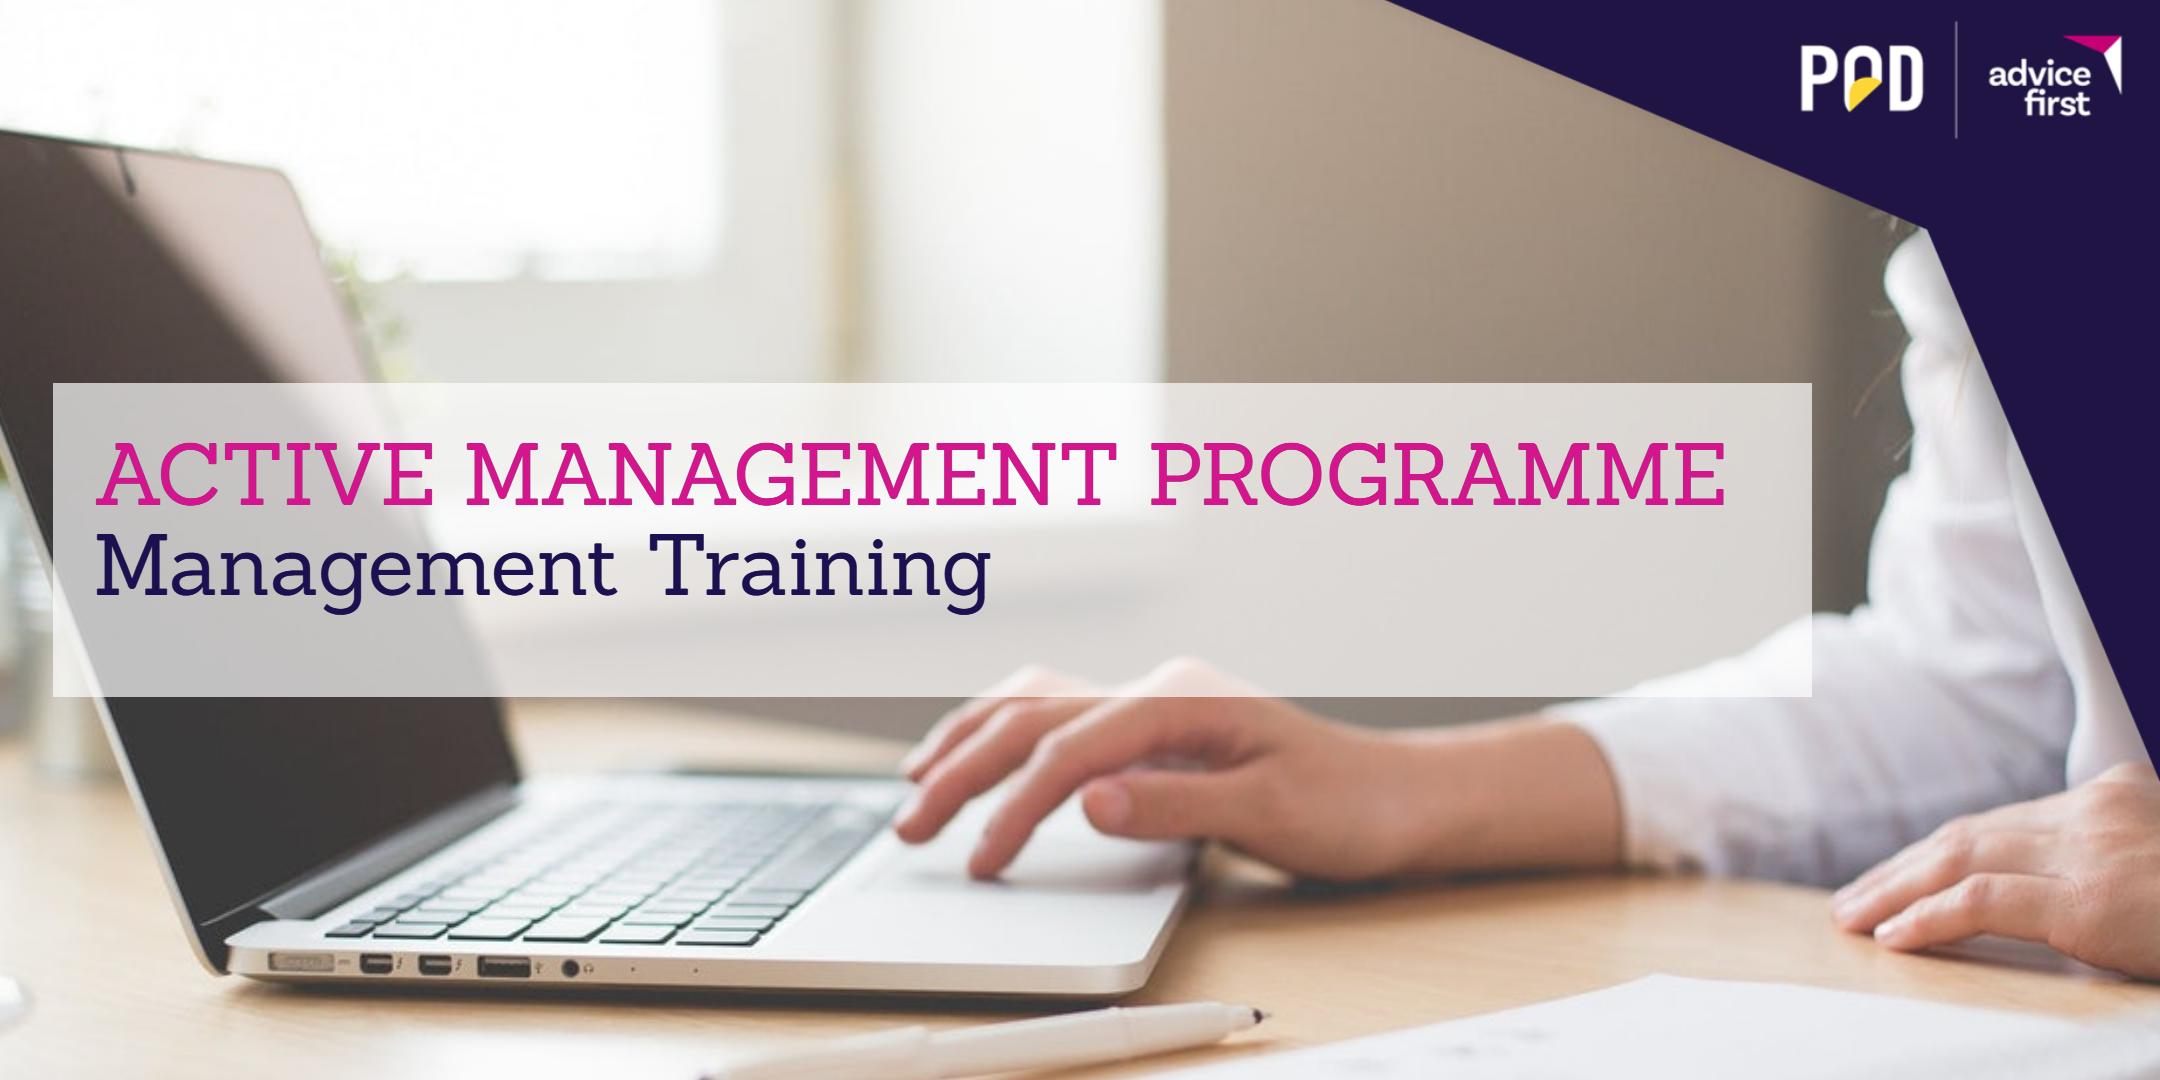 Active Management Programme – Management Training